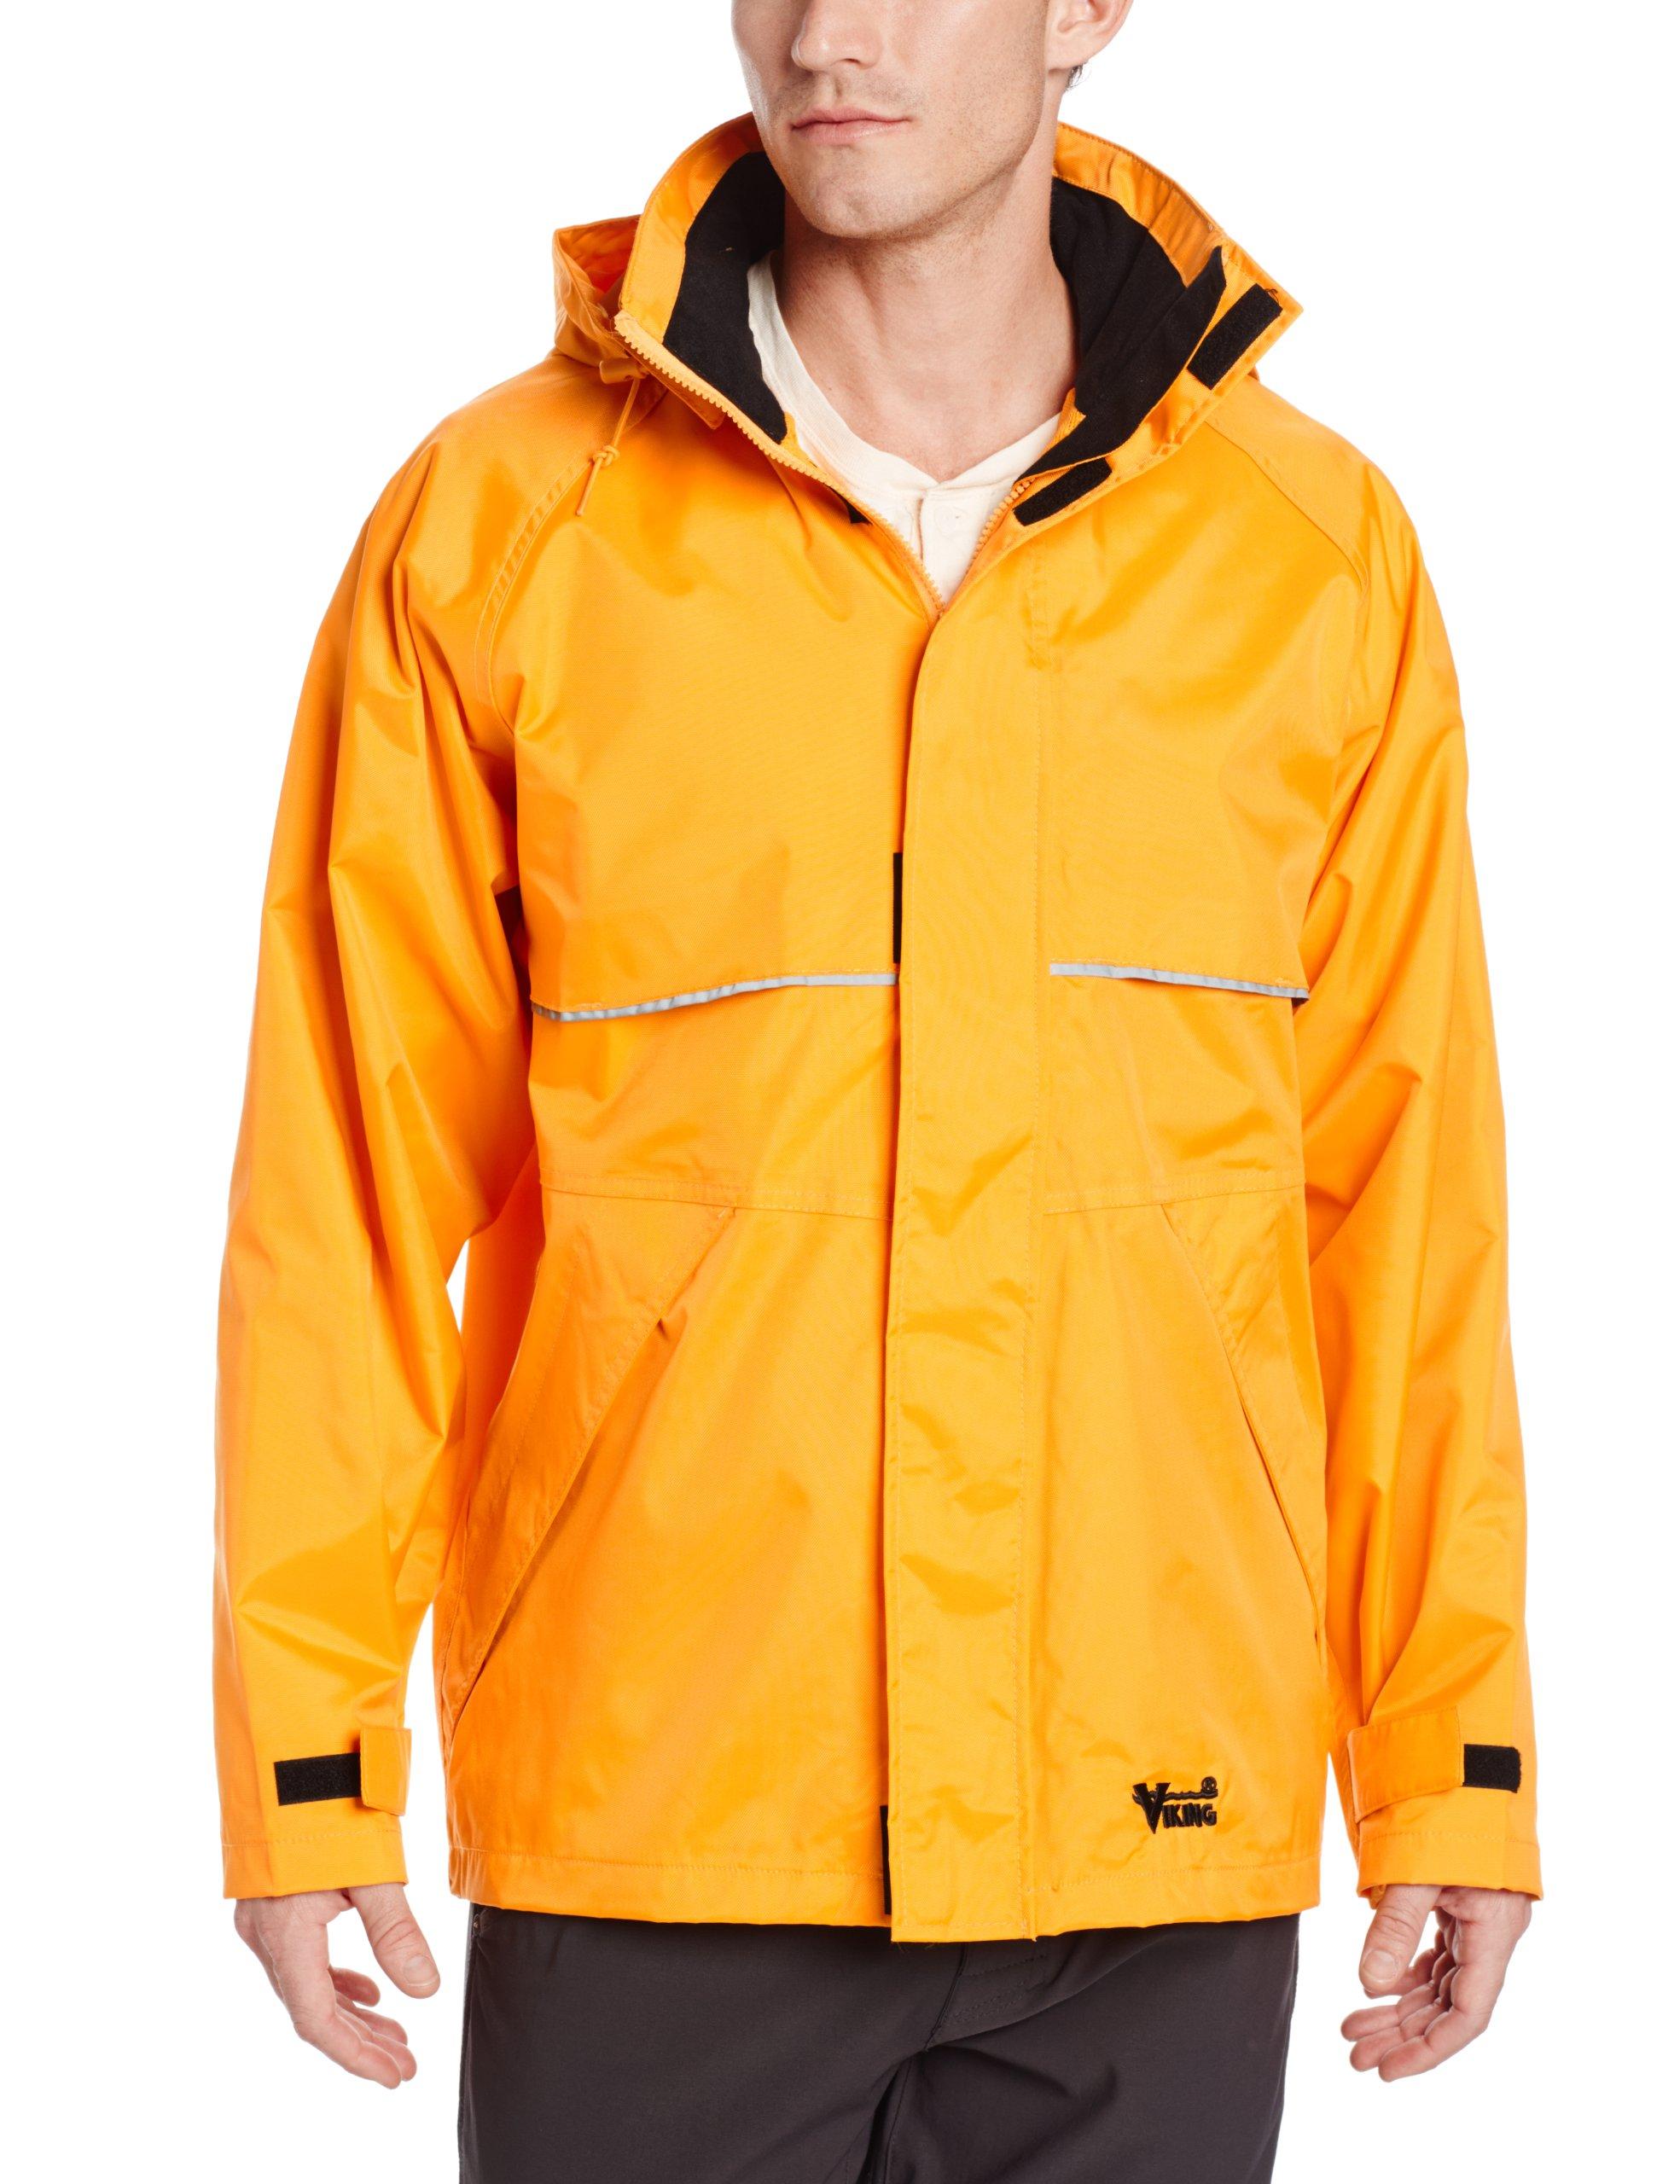 Viking Journeyman Waterproof Industrial Jacket, Yellow, Medium by Viking